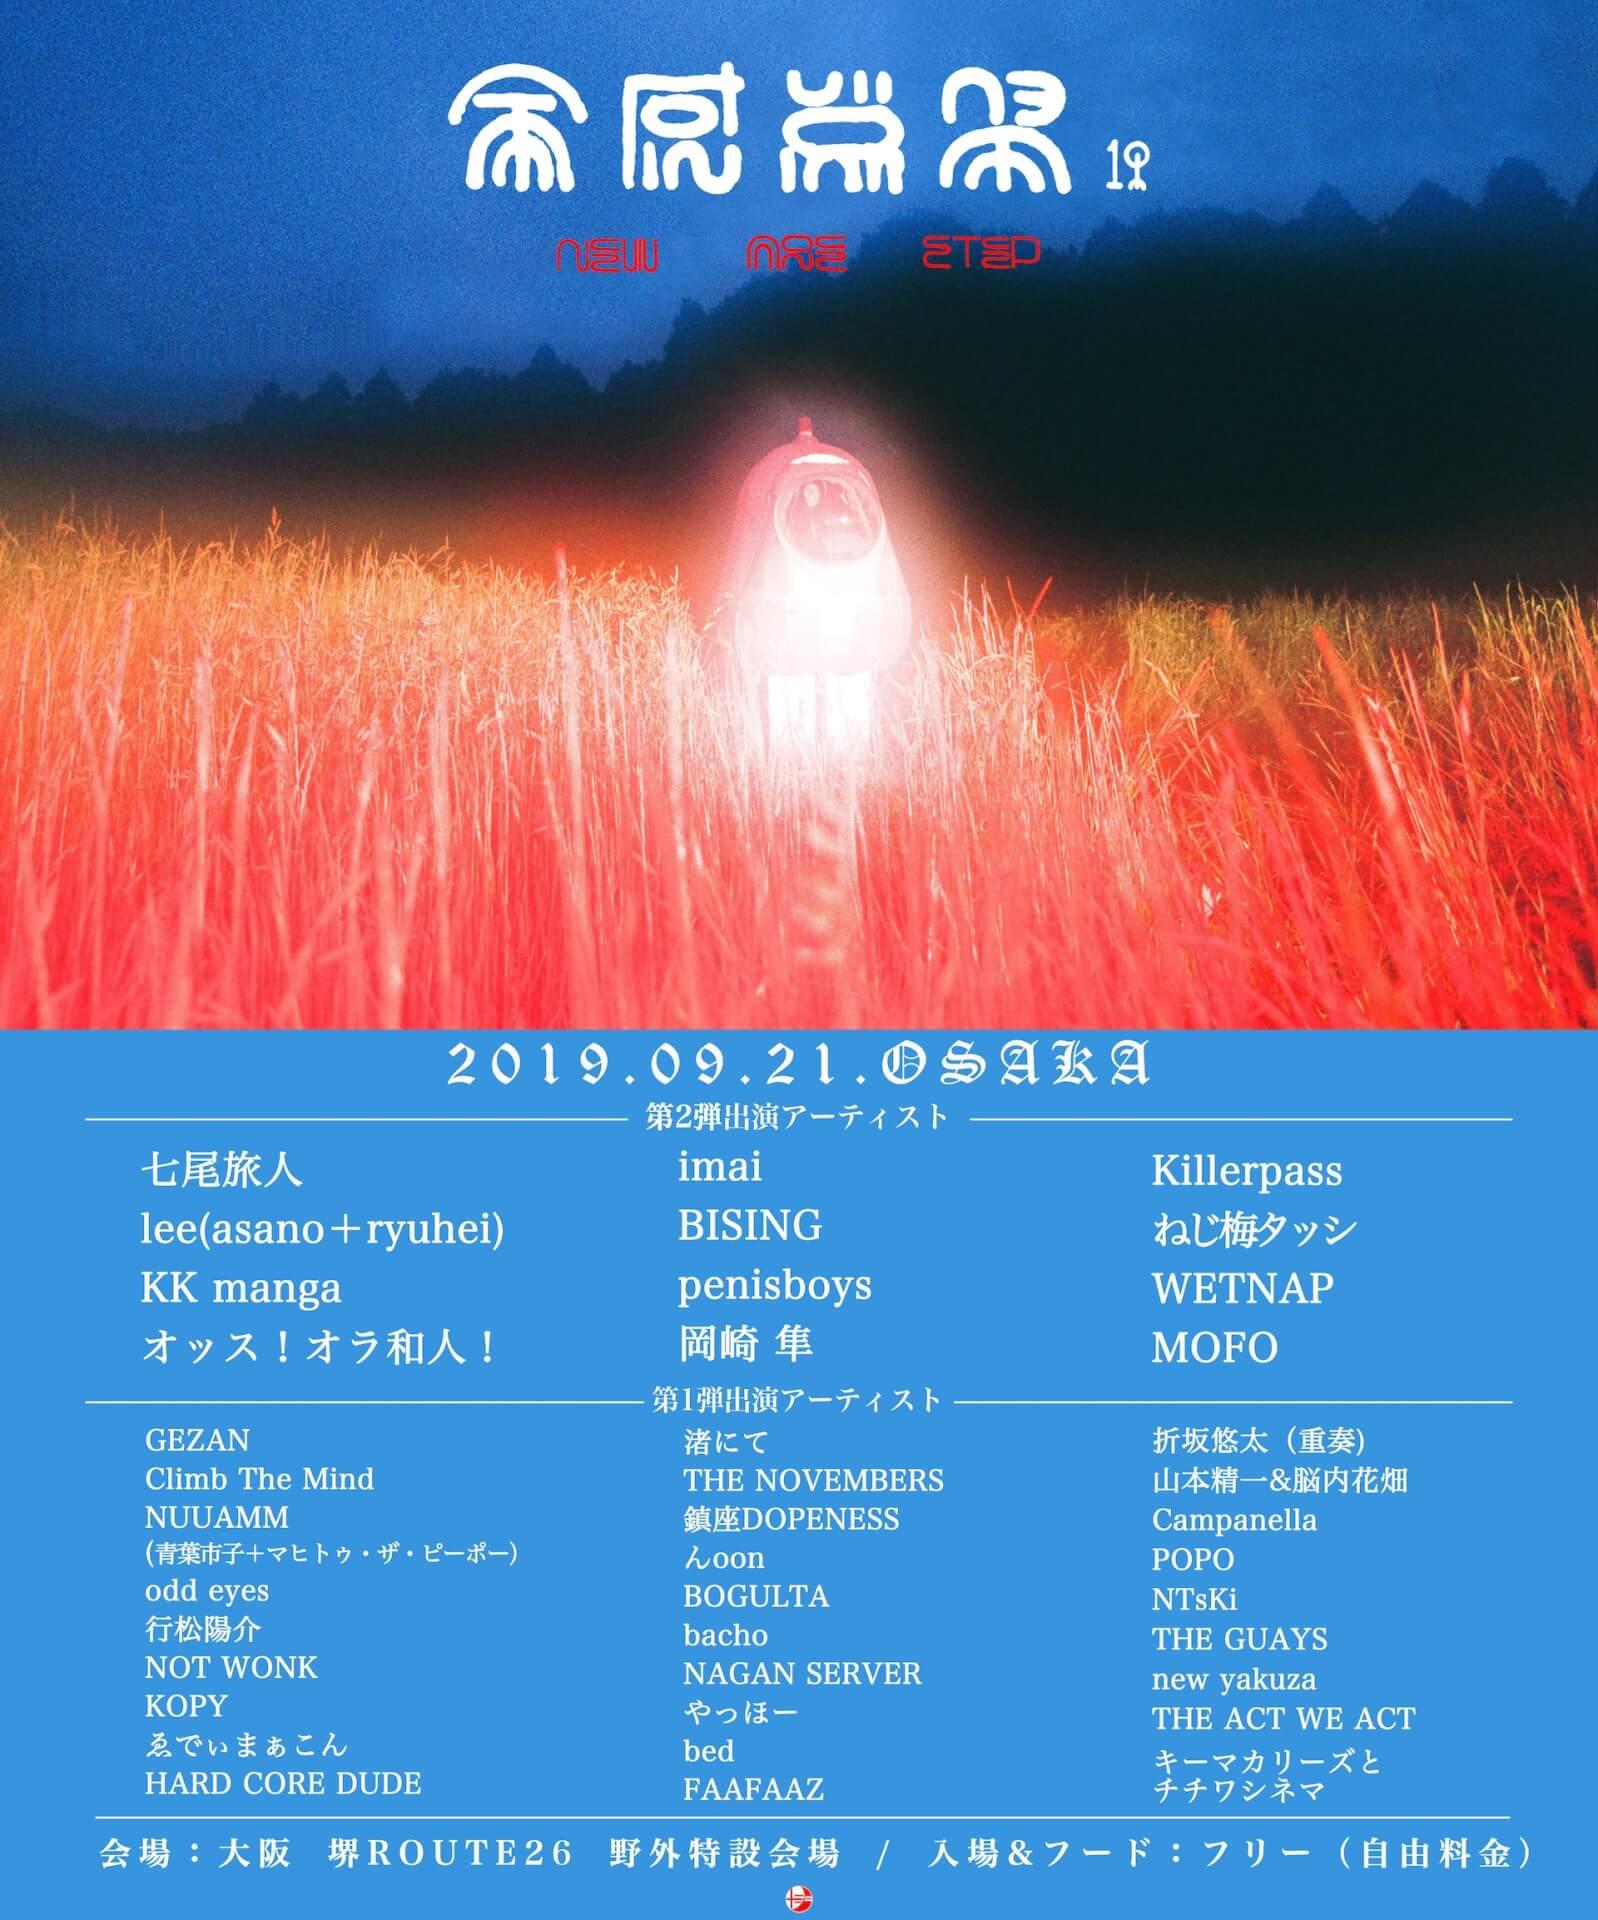 七尾旅人、imai、killerpassら登場|<全感覚祭19>大阪公演の追加出演者発表、ドキュメント映像も公開 music190913_zenkankakusai_01